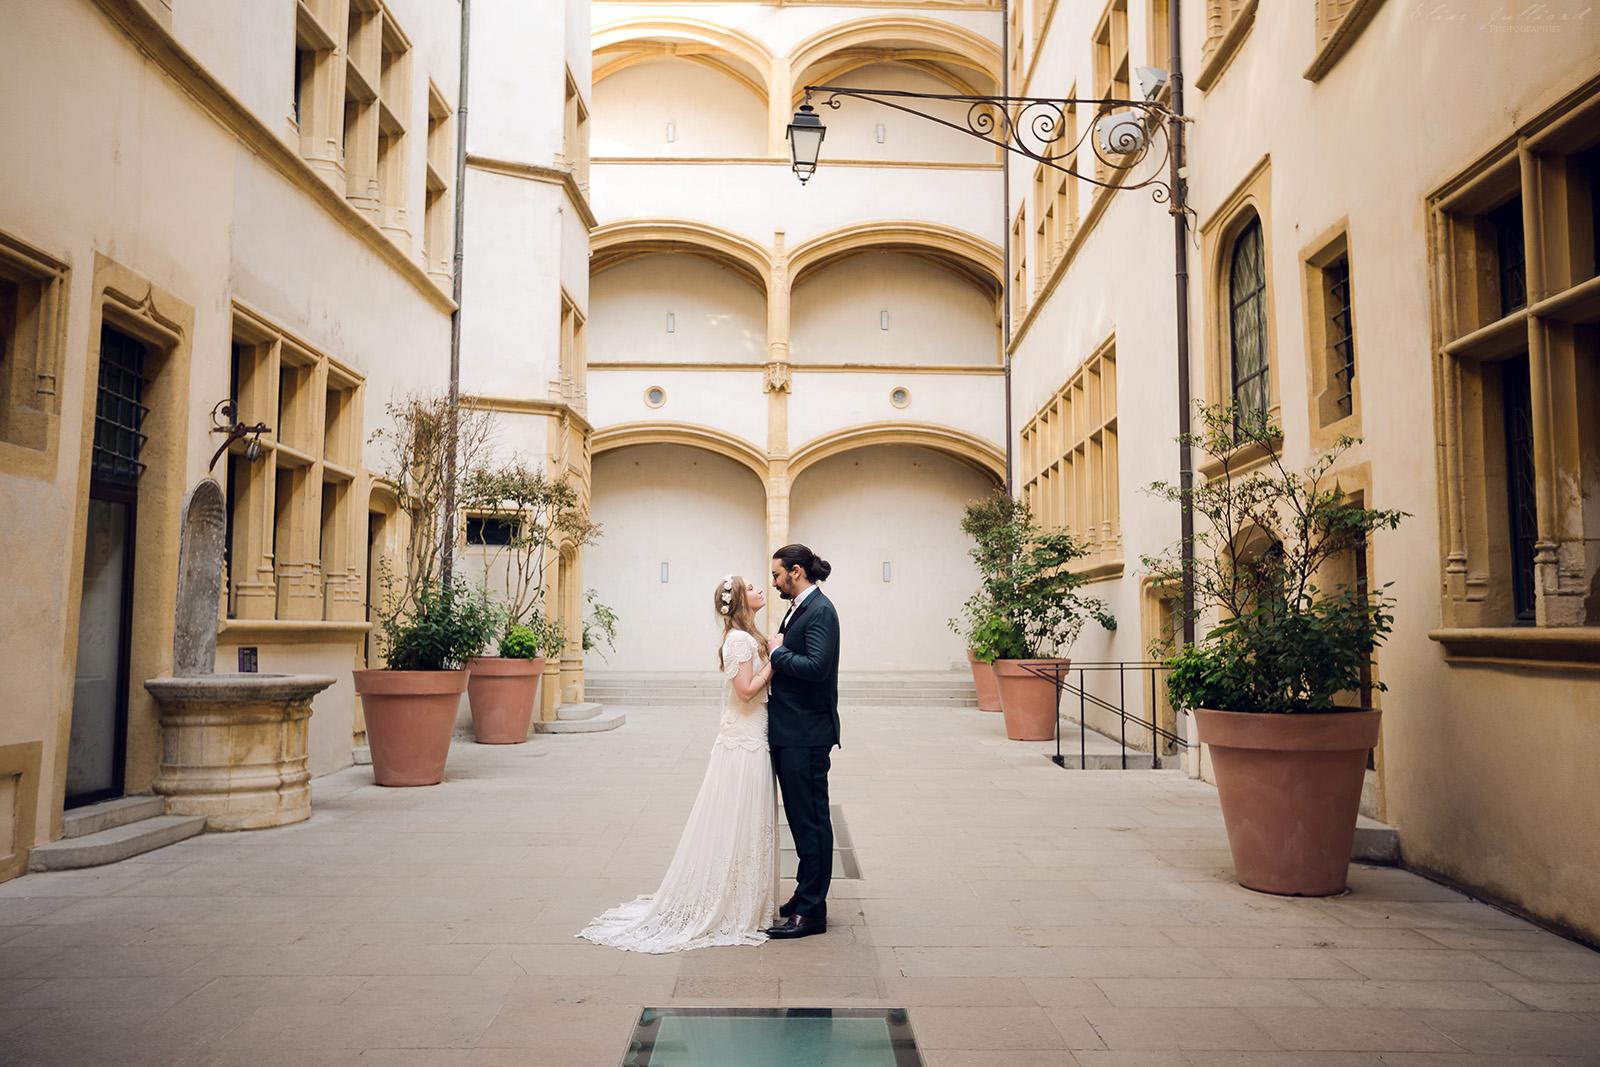 mariage-wedding-photographe-photographer-reportage-seance-photo-couple-amoureux-domaine-du-petit-chambard-auvergne-rhone-alpes-ain-bourg-en-bresse-vintage-vieux-lyon-musee-gadagne